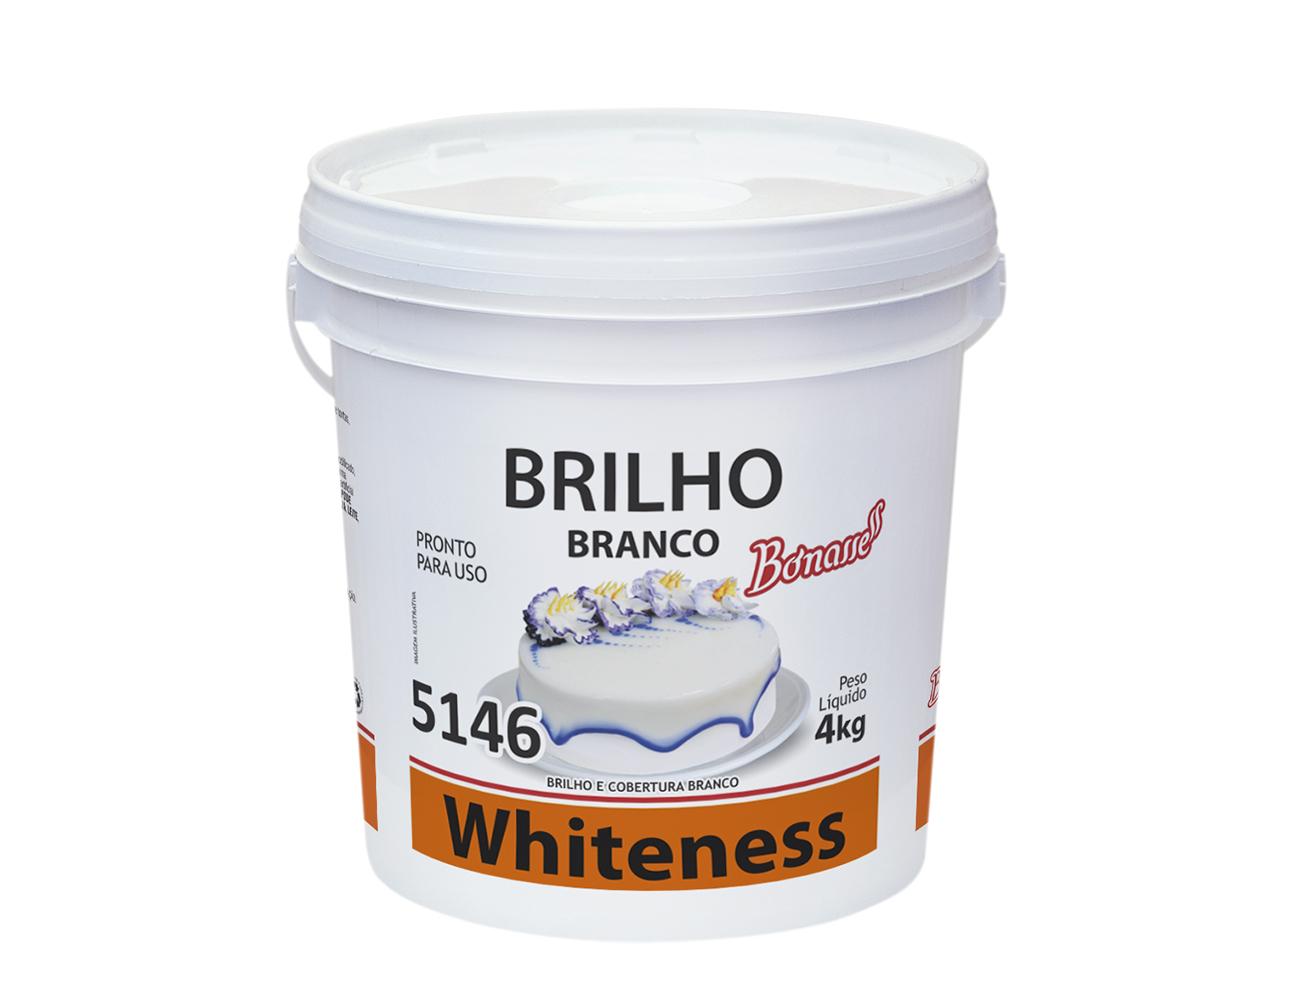 Geleia Brilho Whiteness